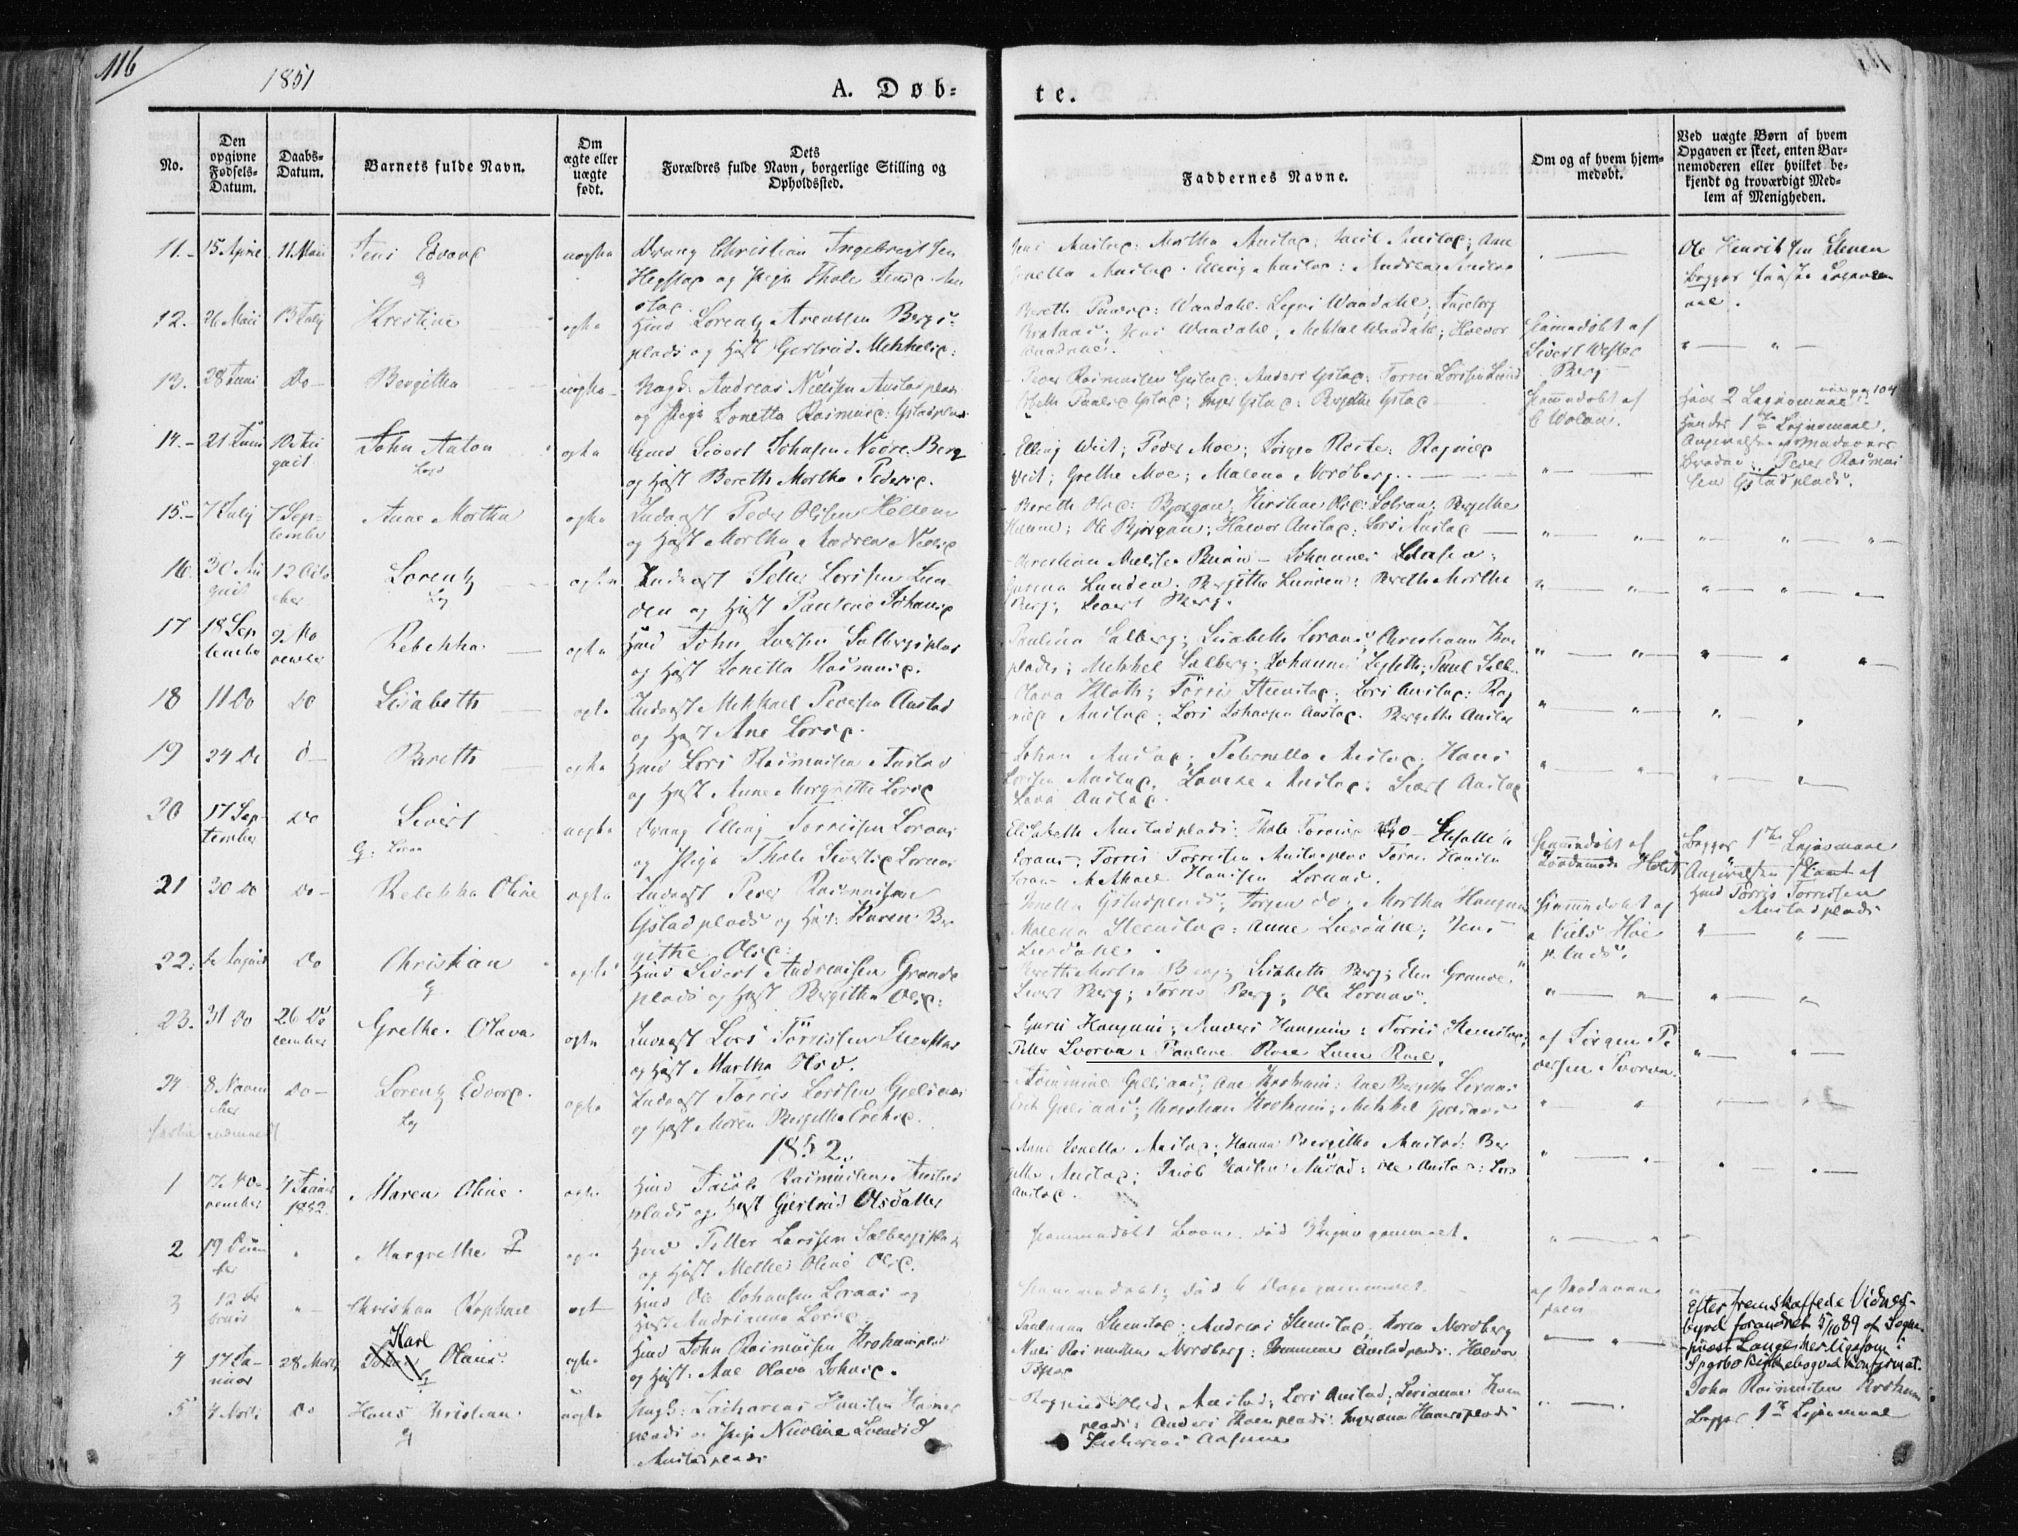 SAT, Ministerialprotokoller, klokkerbøker og fødselsregistre - Nord-Trøndelag, 730/L0280: Ministerialbok nr. 730A07 /2, 1840-1854, s. 116